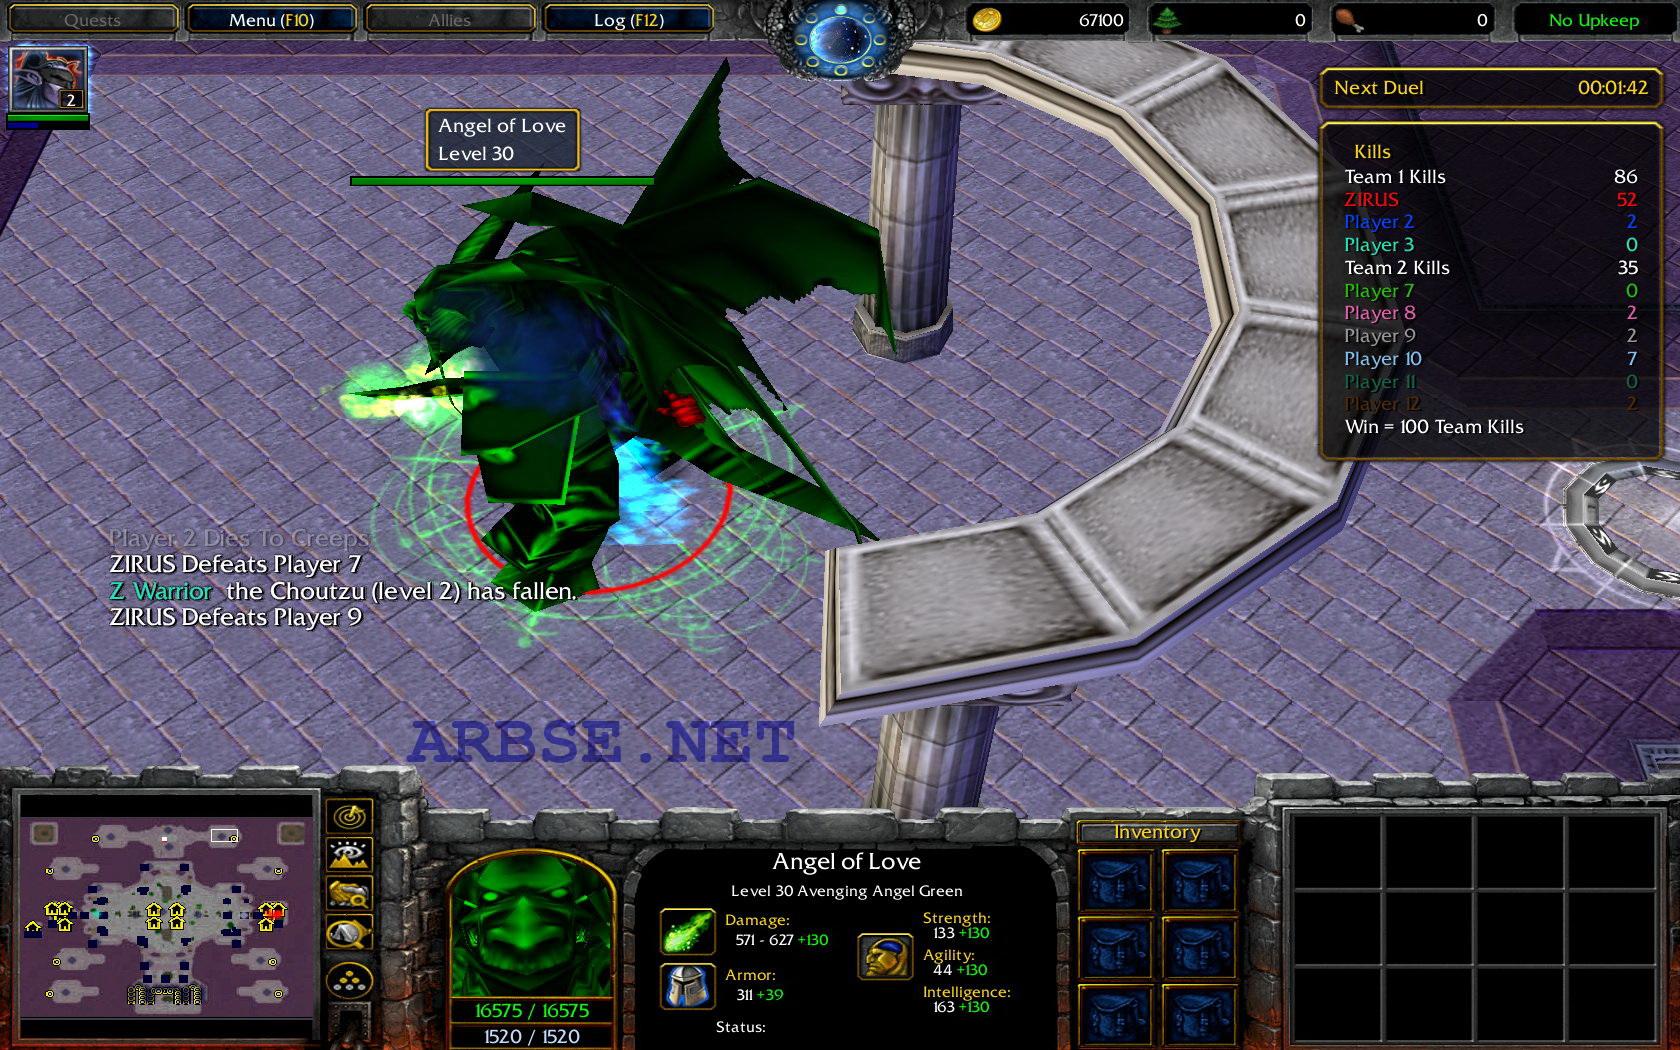 Играем в интересную карту warcraft iii, где люди развиваются, а божества им помогаютнужно больше варика! http